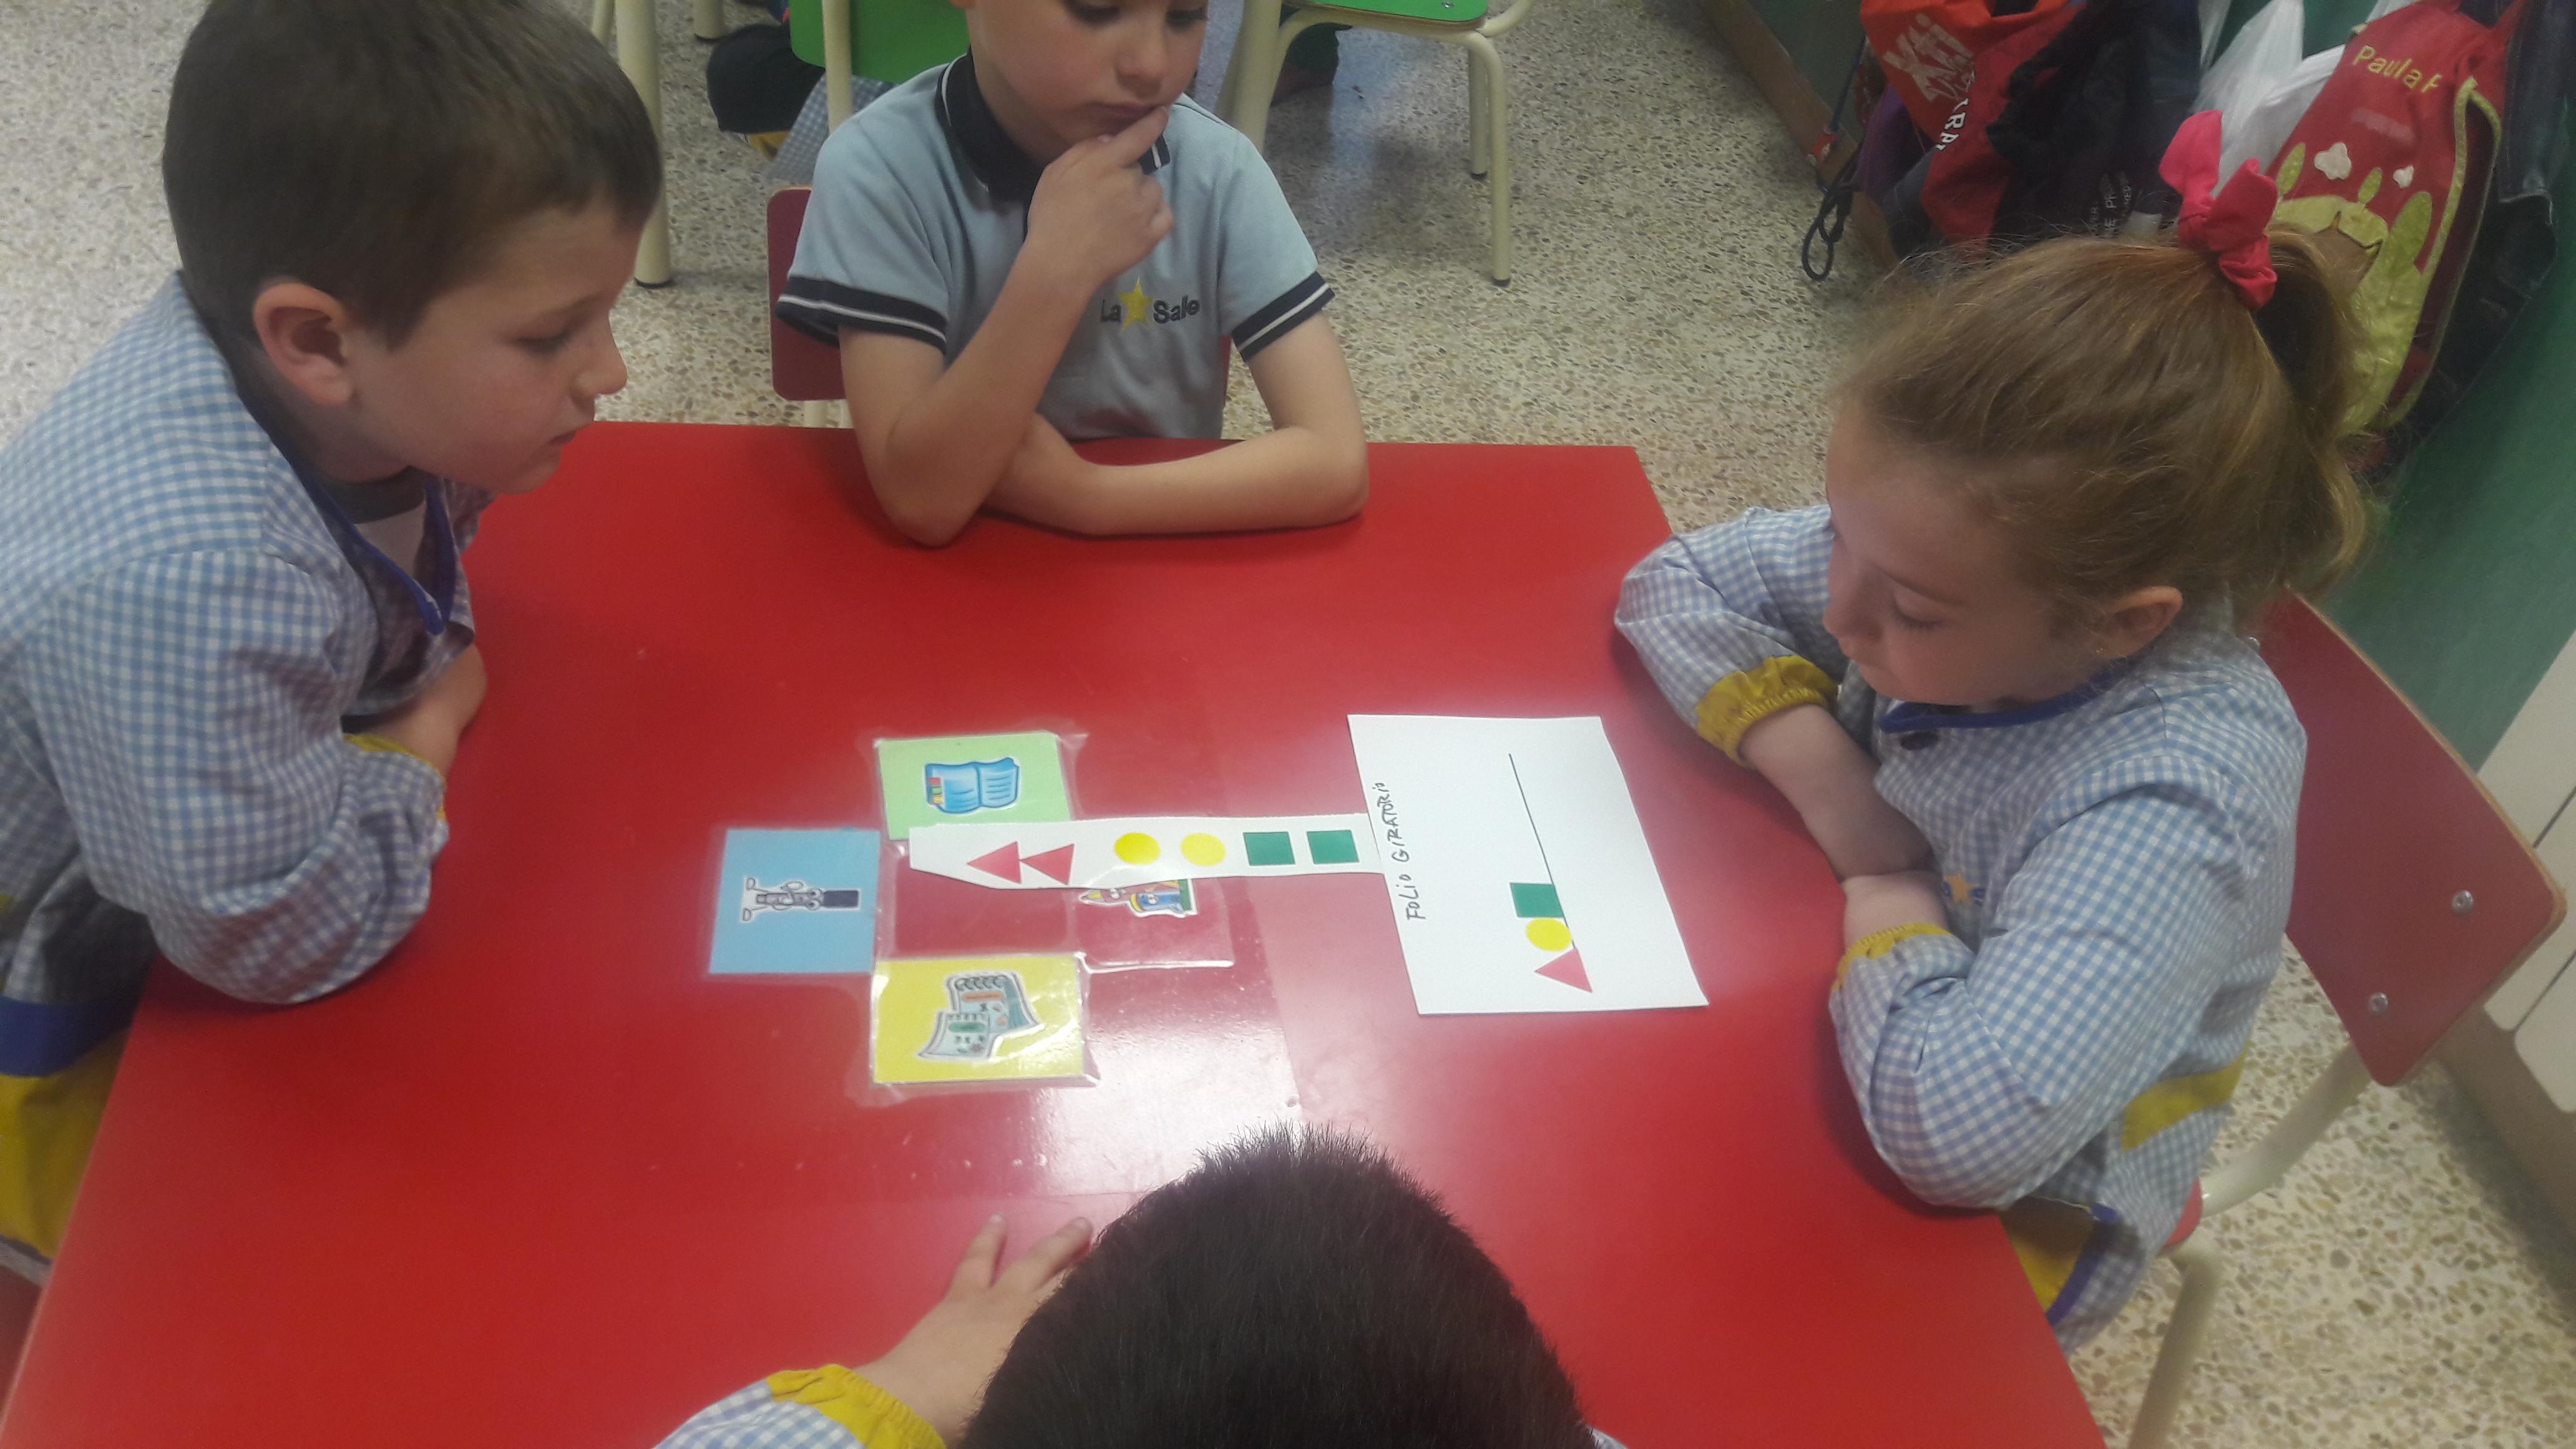 Aprendizaje cooperativo en el Aula de 4 años de la Escuela Infantil Desamparados